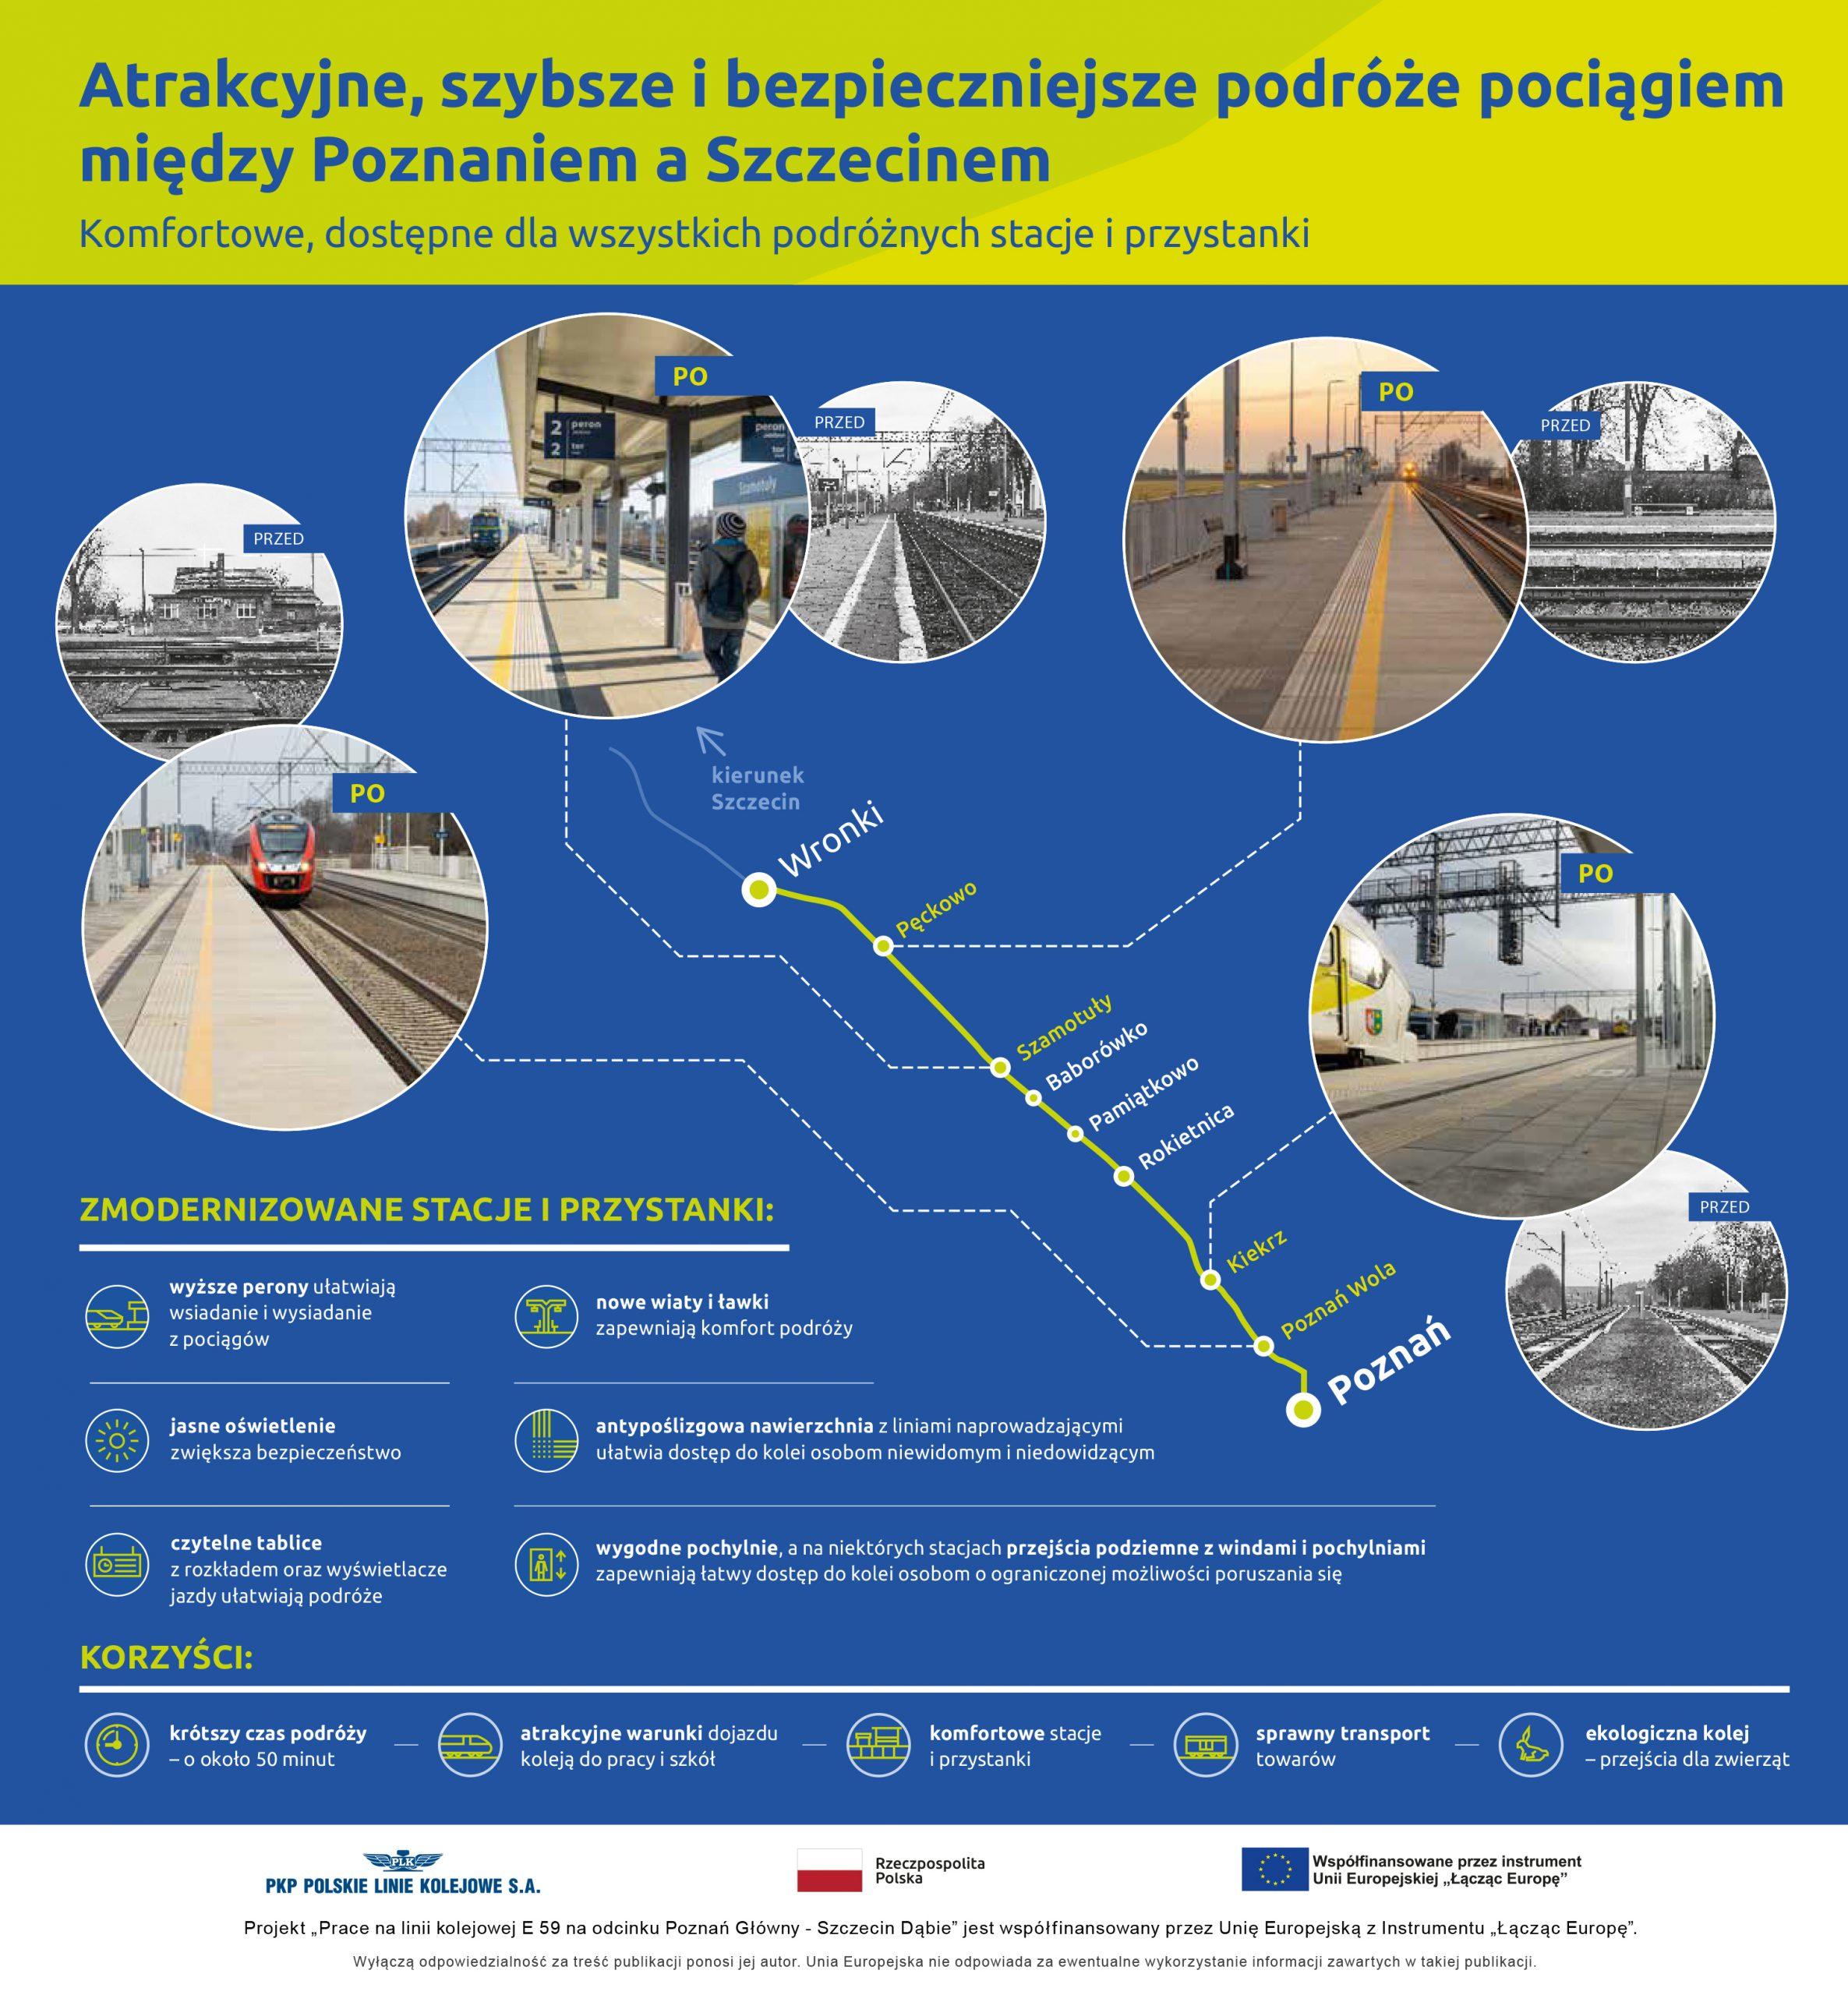 Infografika przedstawia zdjęcia przed oraz po modernizacji stacji Wronki, Szamotuły, Kiekrz oraz przystanków Pęckowo i Poznań Wola. Na grafice zaznaczone są również korzyści dla pasażerów wynikające z modernizacji.